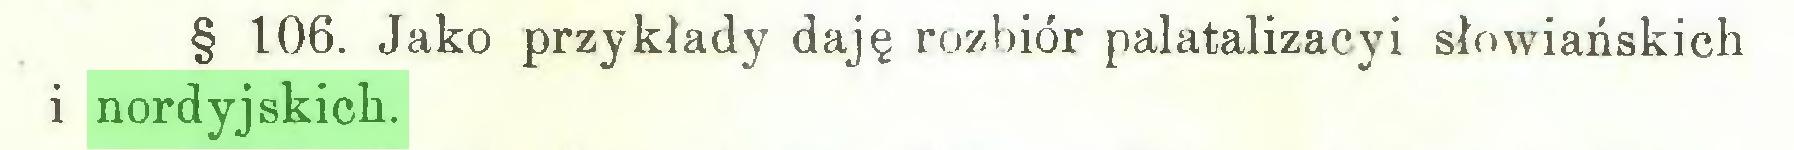 (...) § 106. Jako przykłady daję rozbiór palatalizacyi słowiańskich i nordyjskich...